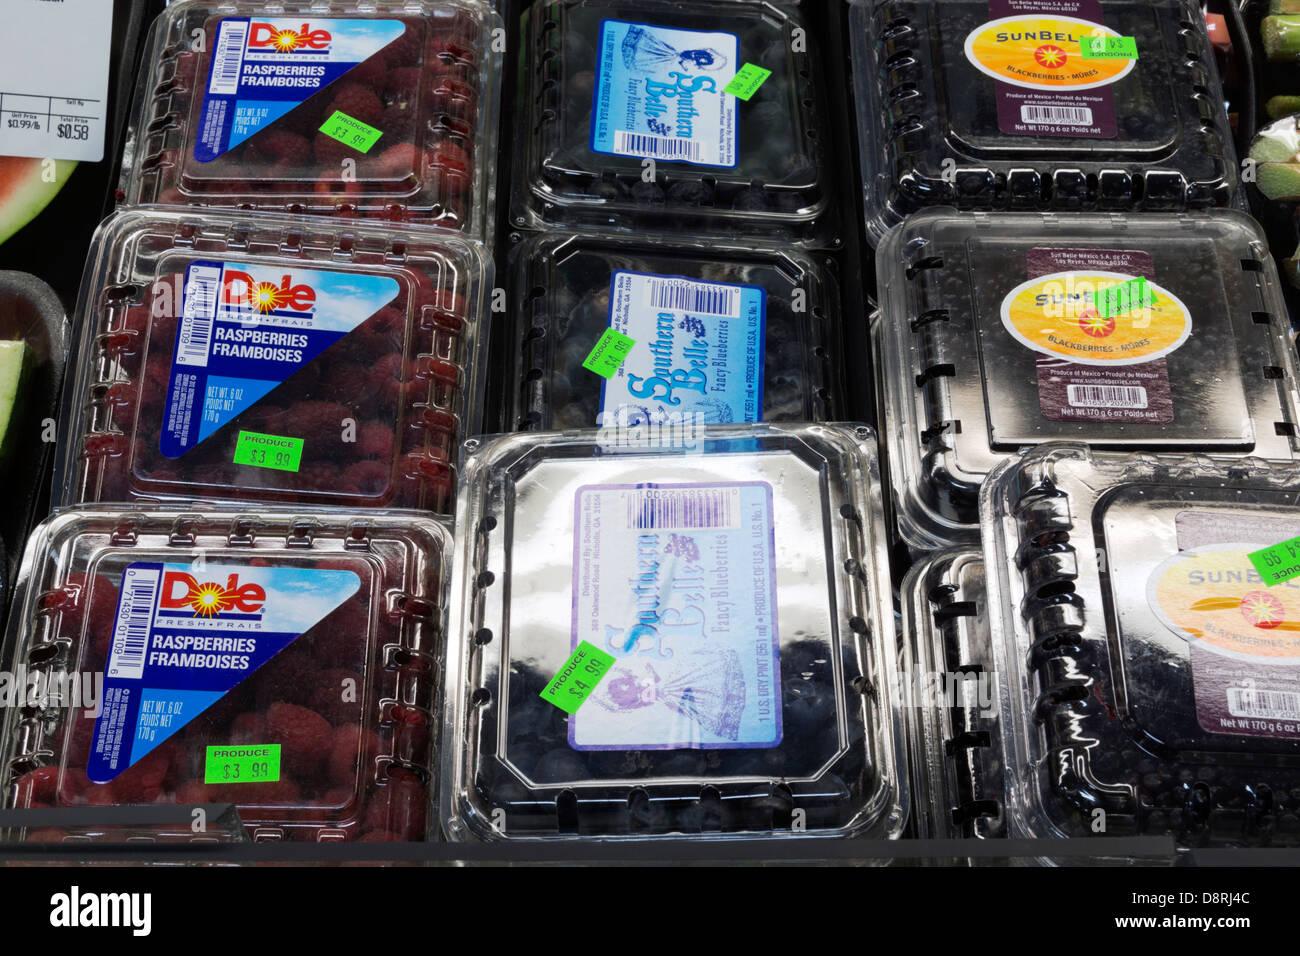 Raspberries Blueberries And Blackberries In A Grocery Store Display Case